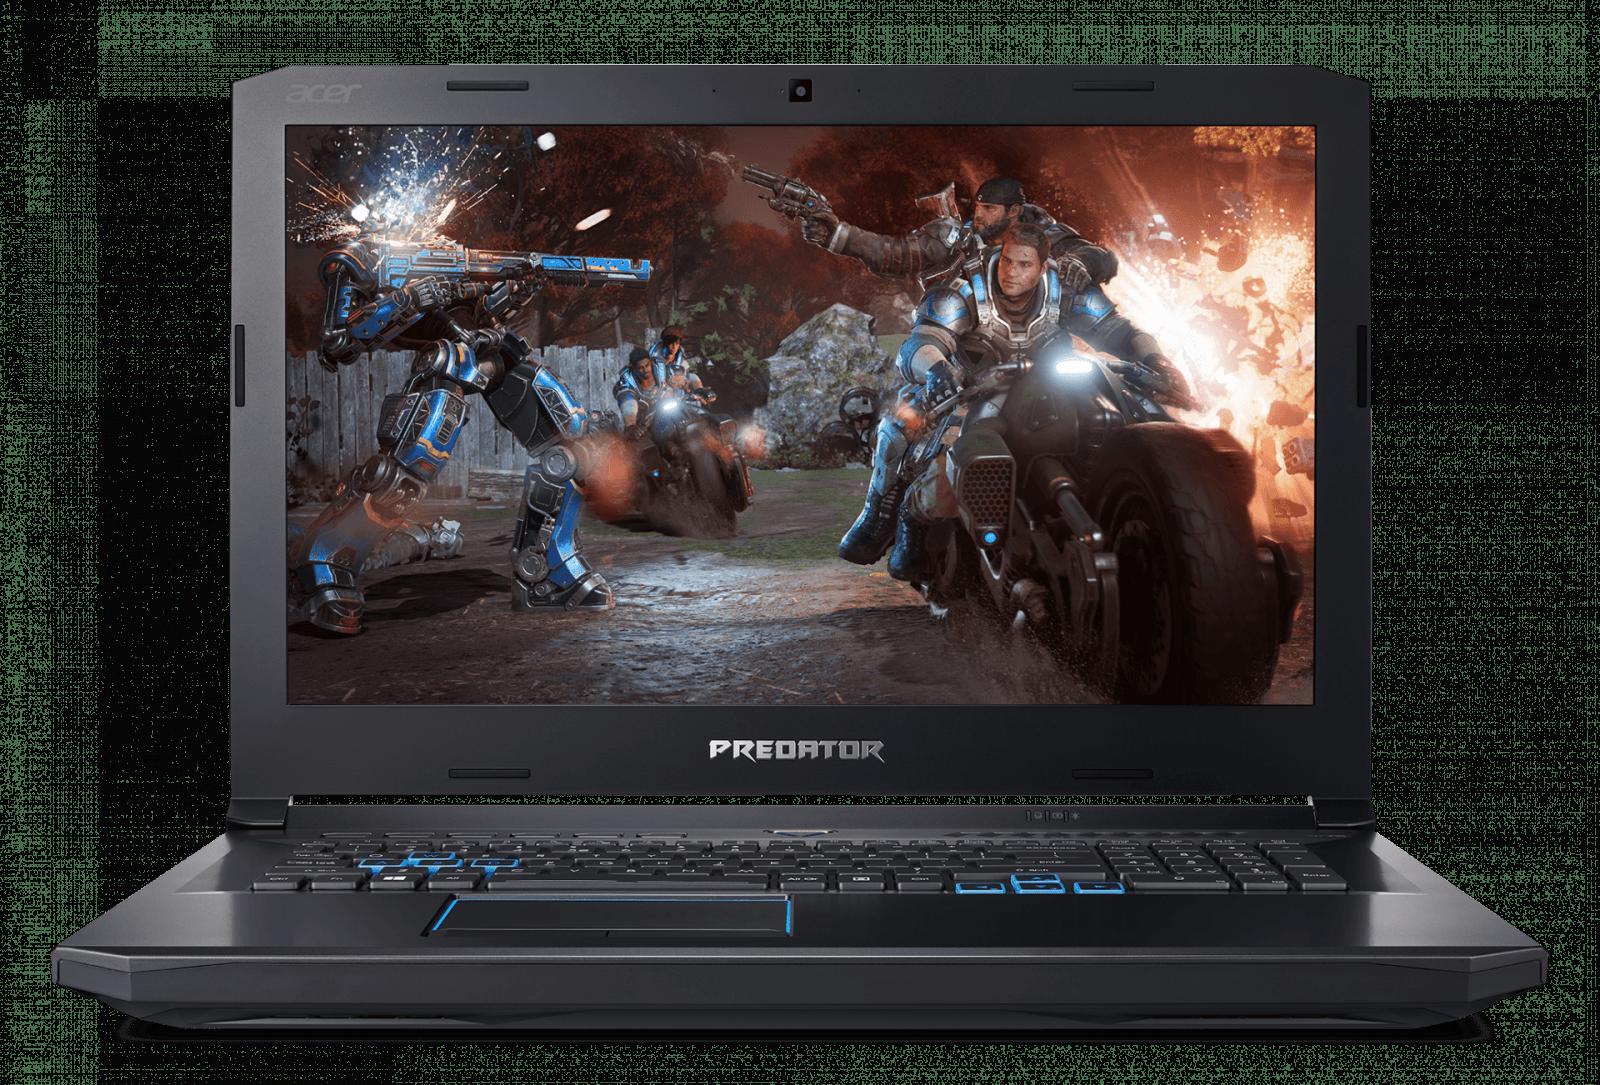 Acer привезла игровой ноутбук Predator Helios 500 в Россию (Predator Helios 500 PH517 51 wp win10 01)